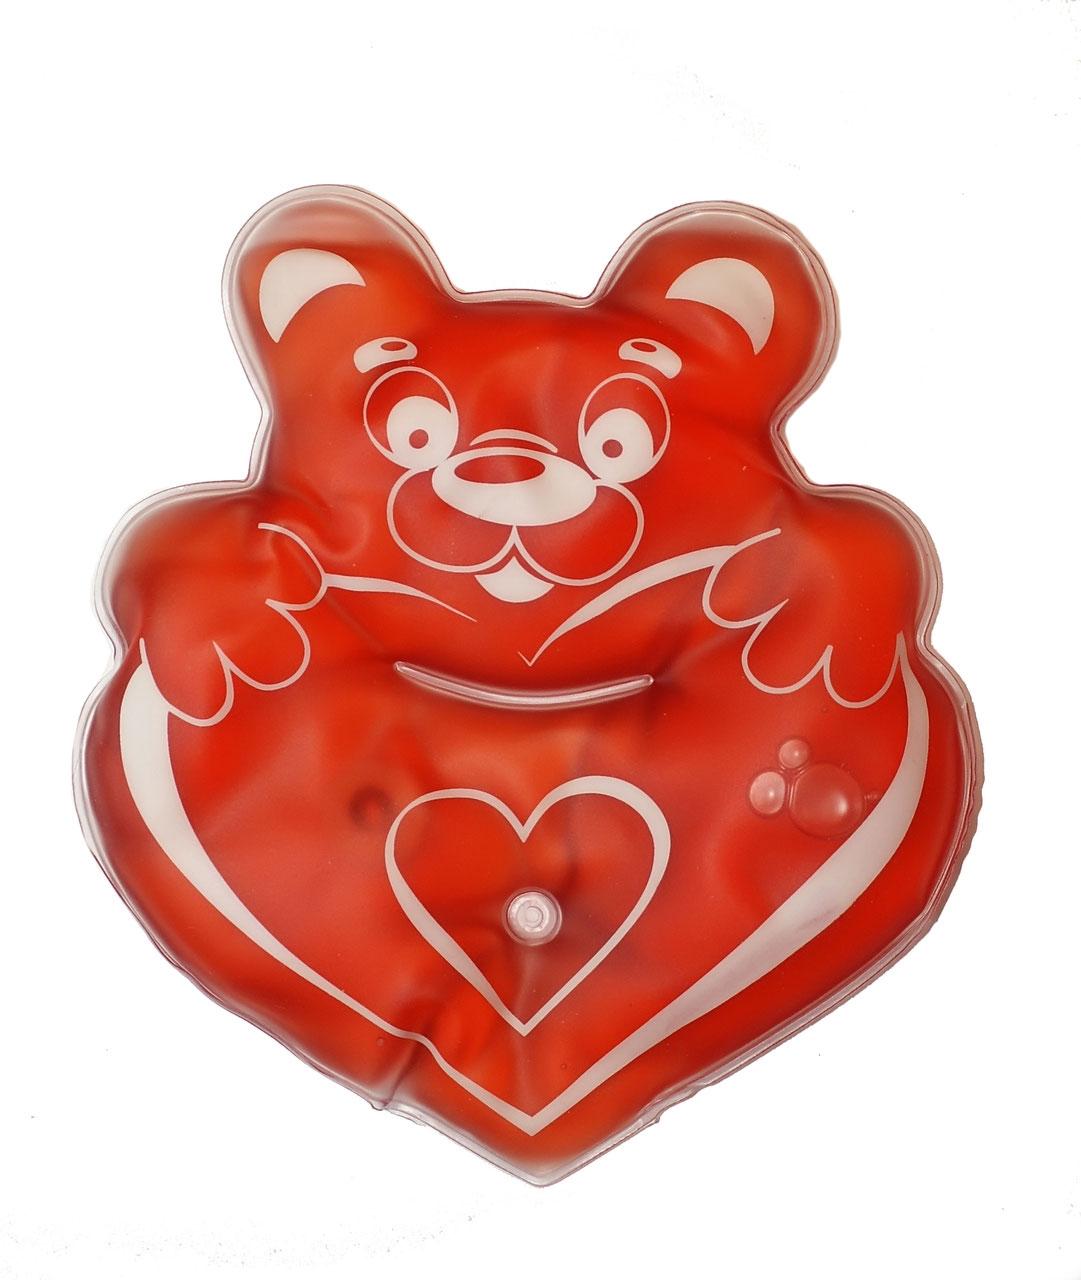 Купить Грелка Торг Лайнс Мишка с Сердцем 1 шт.